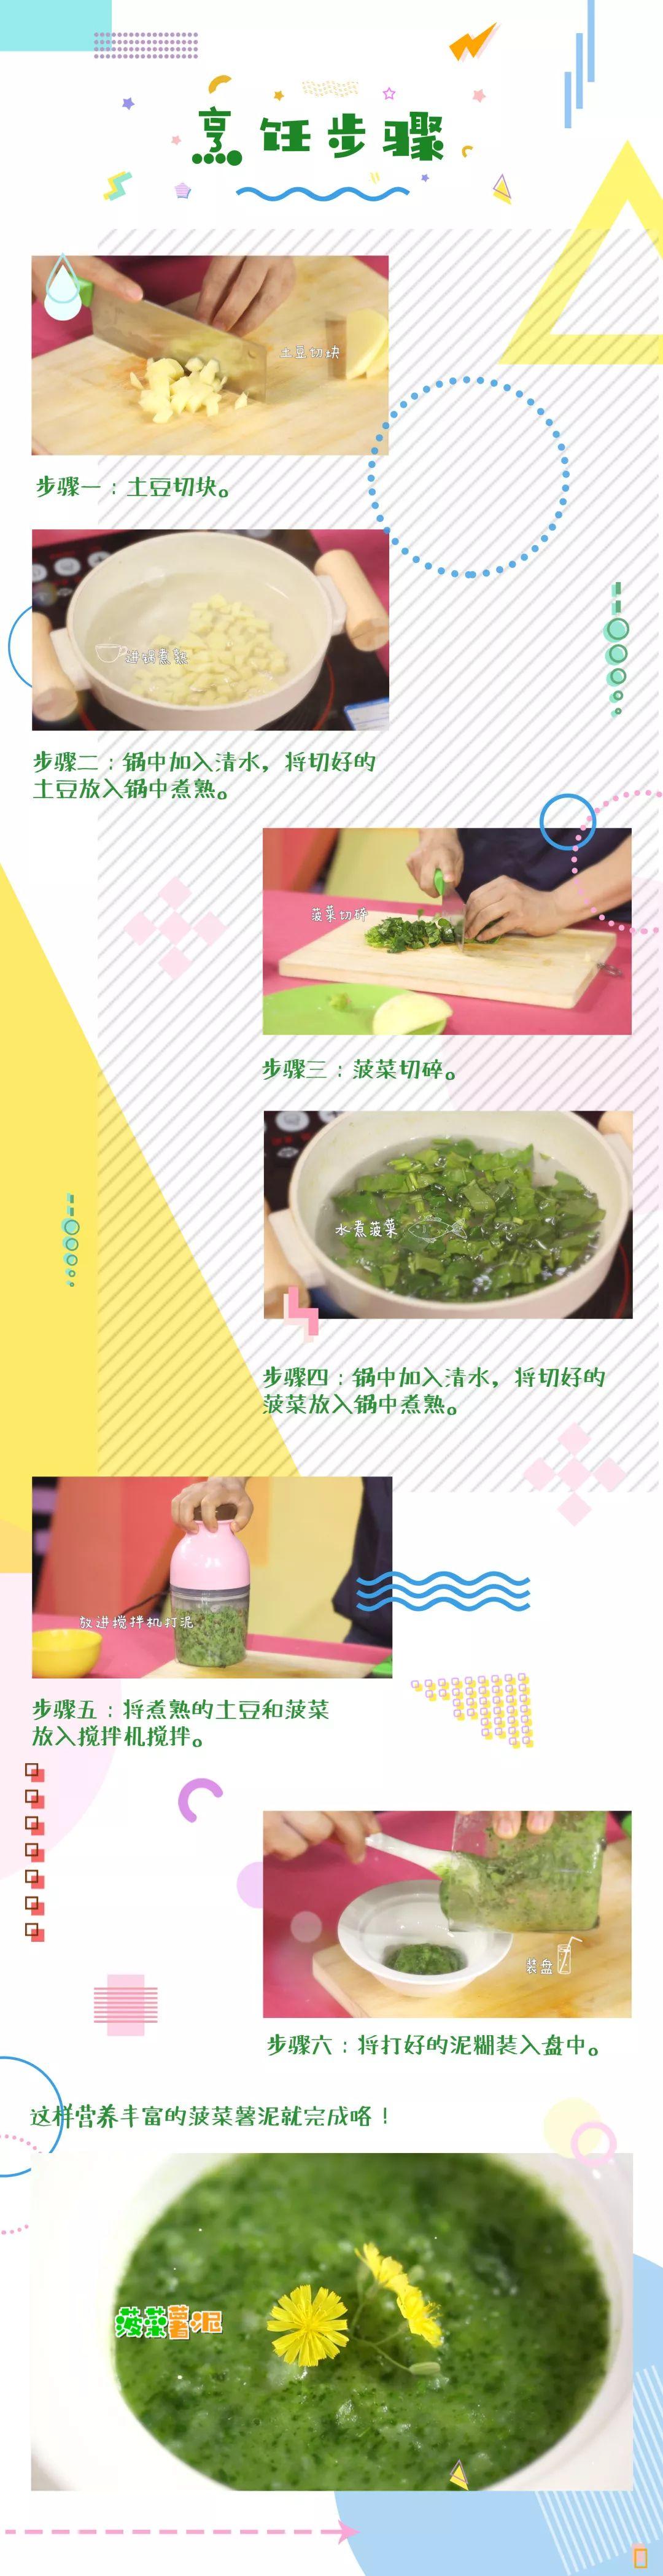 育儿 | 辅食:菠菜薯泥